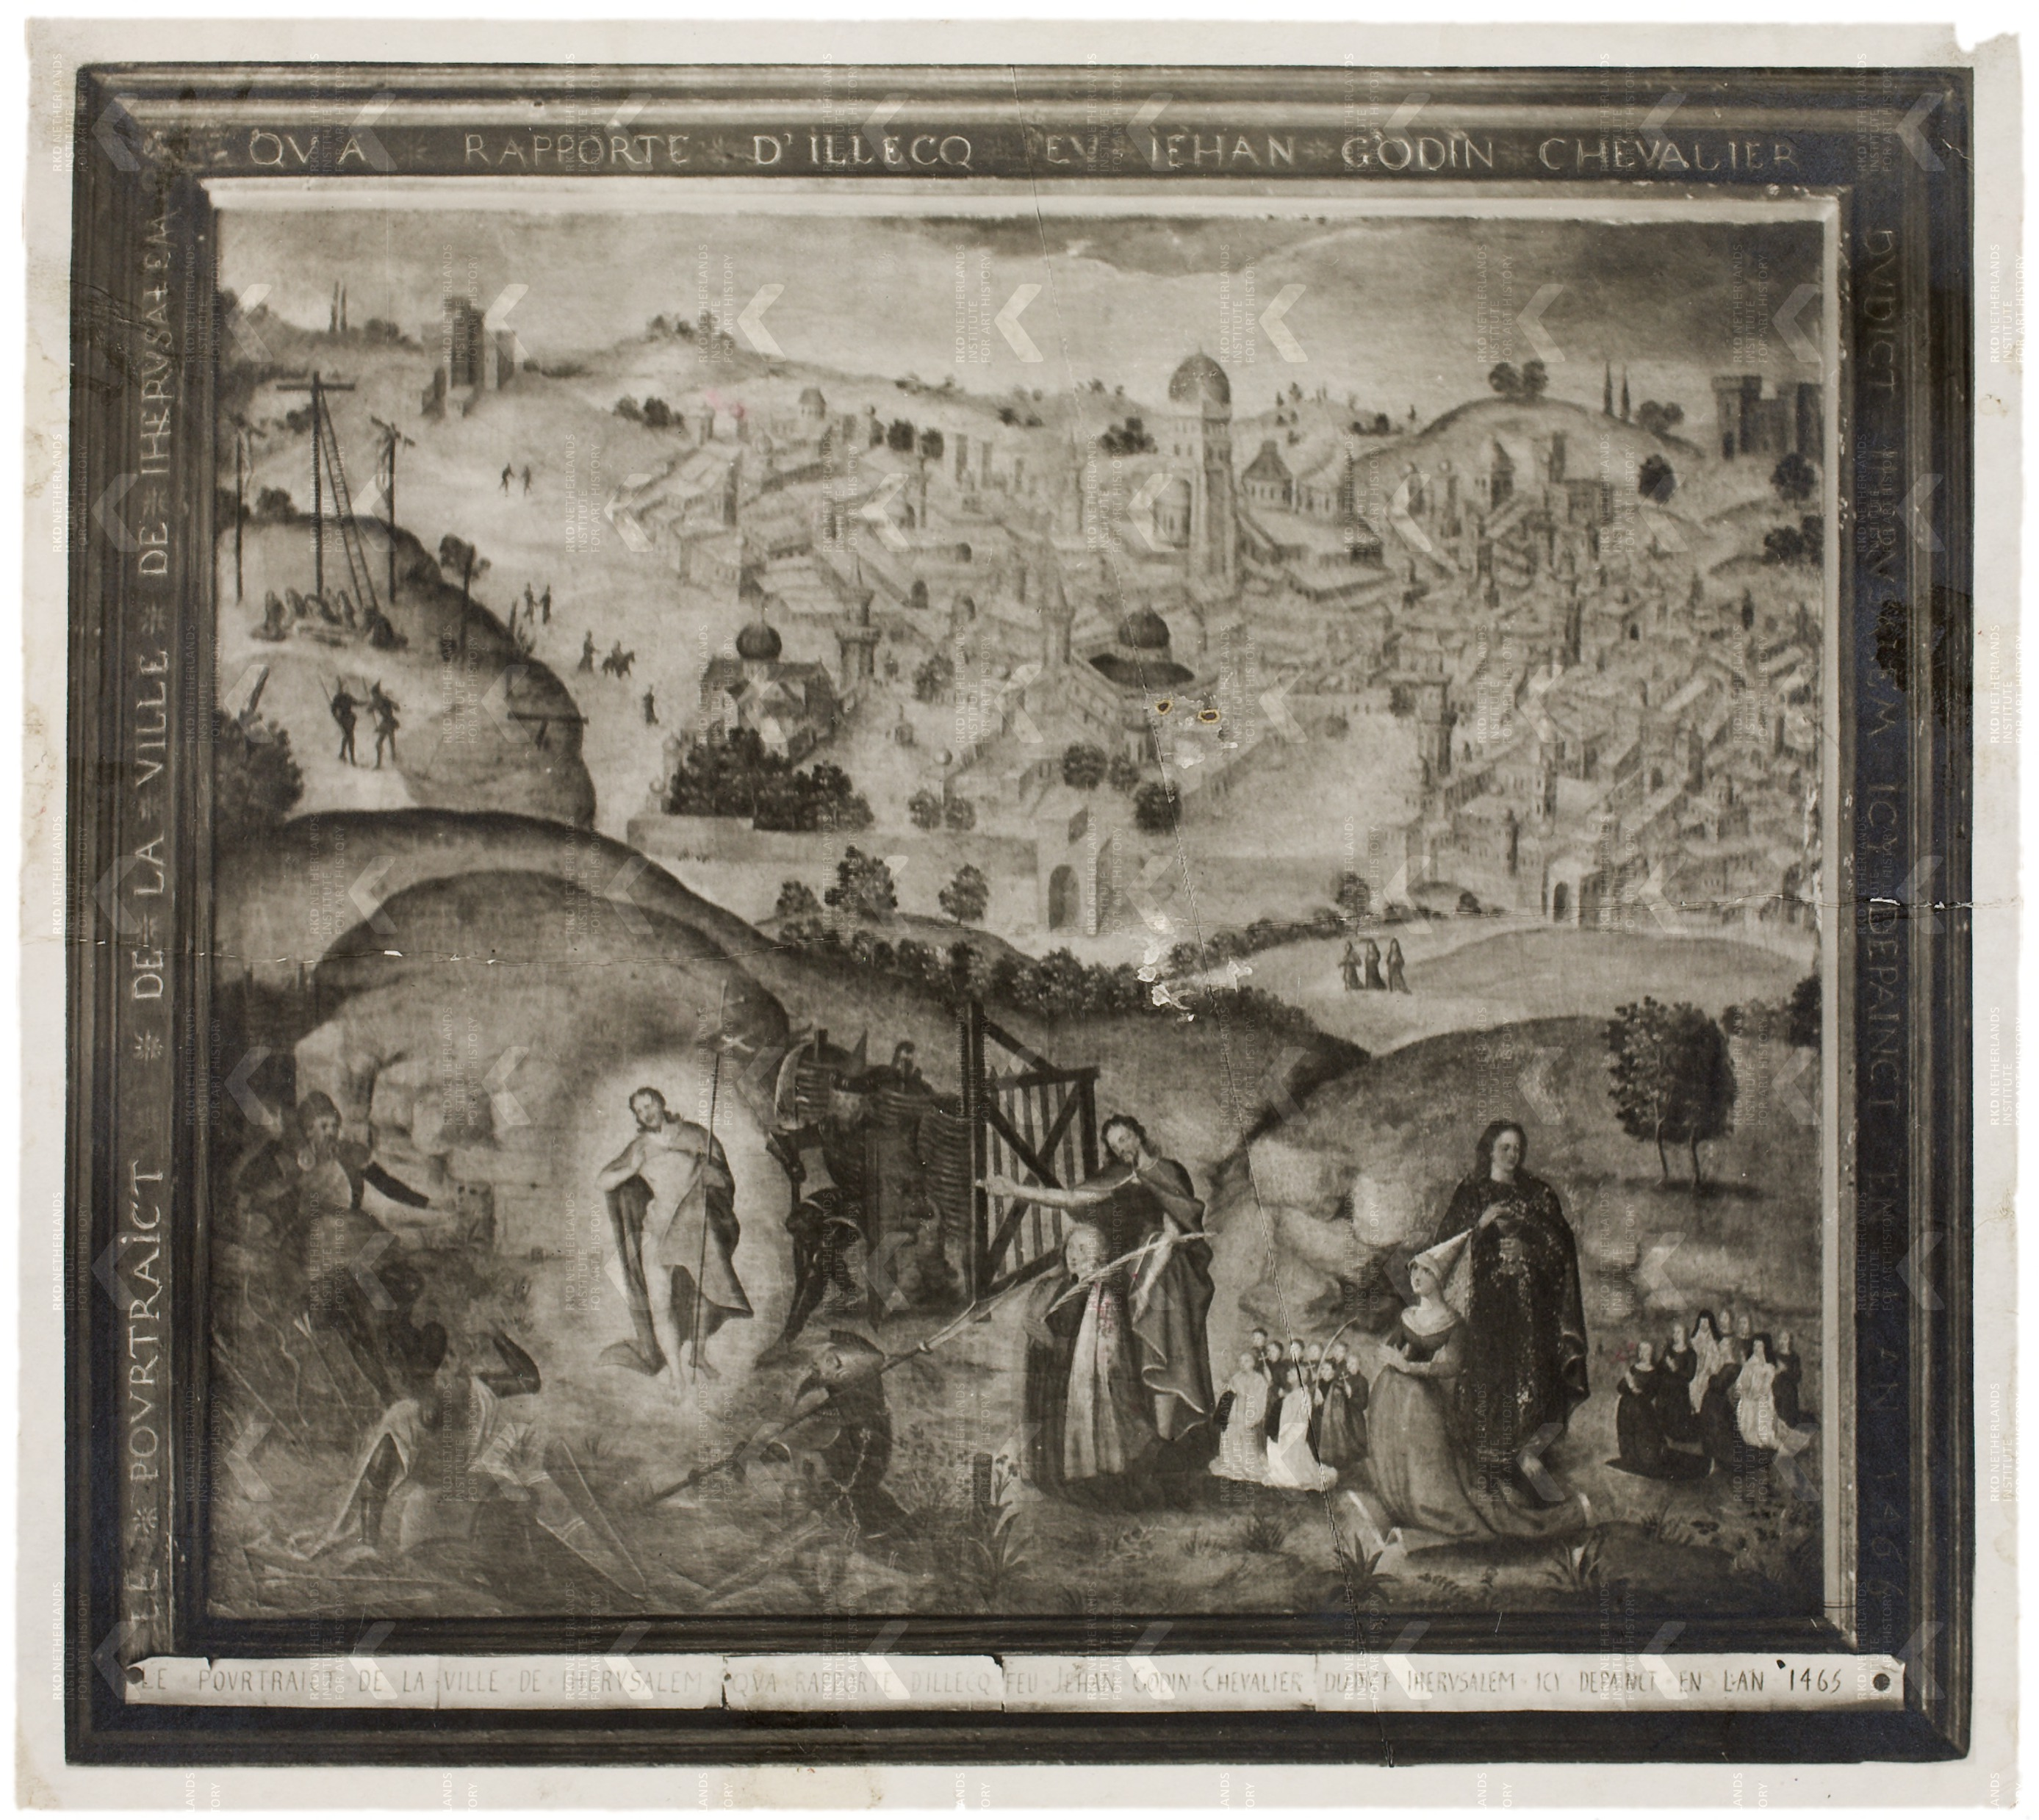 Le pourtraict de la ville de Iherusalem, qua rapporte d'illecq feu Jehan Godin chevalier du dict Iherusalem, icy dépainct en l'an 1465 coll privee anonyme